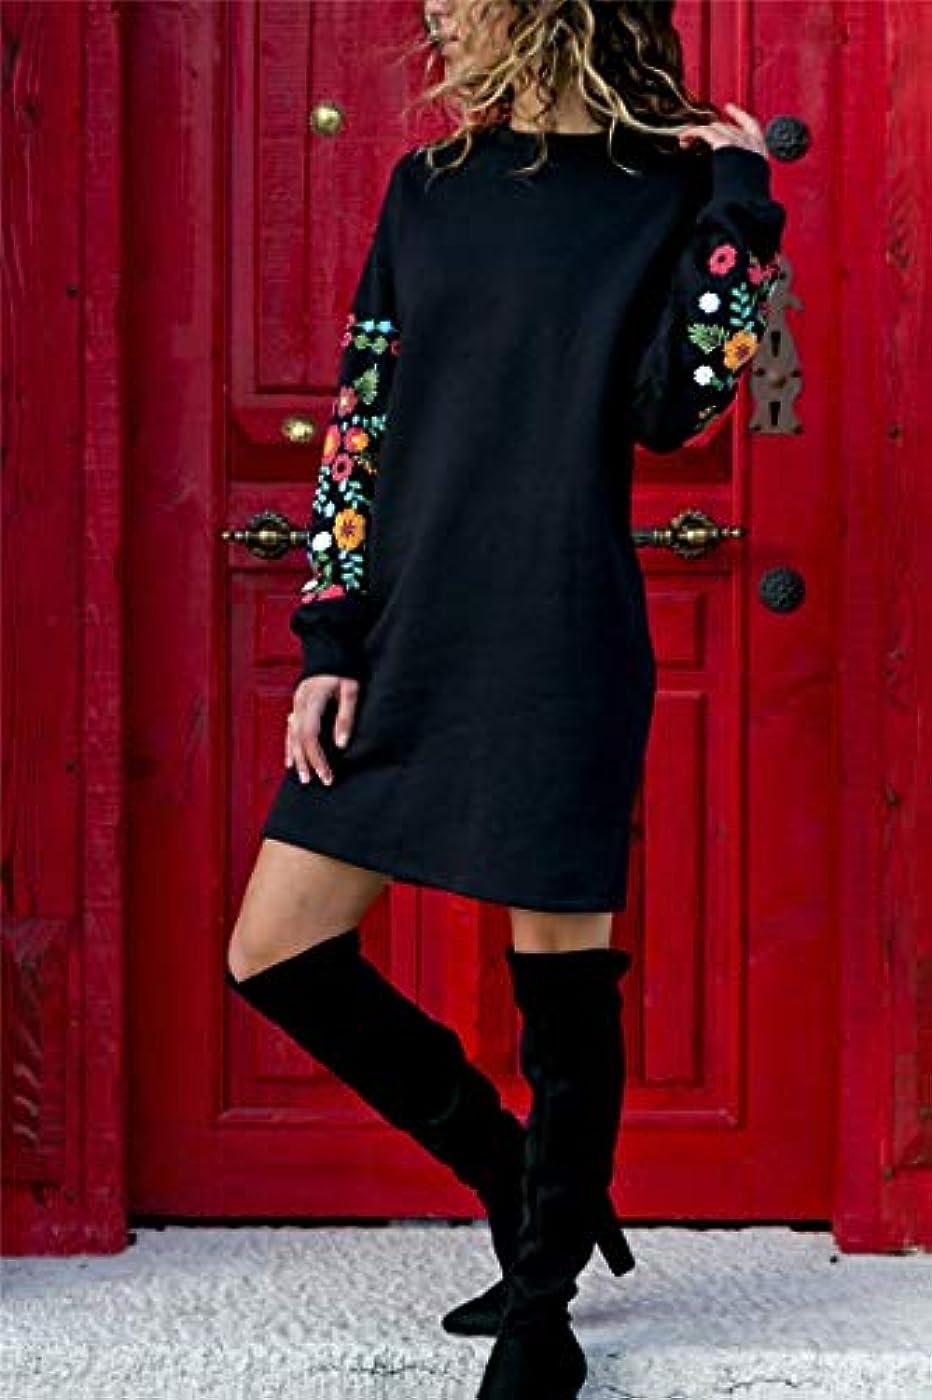 疾患よろしく取り消すOnderroa - 冬の花プリントワンピースの女性のエレガントな黒のロングスリーブドレスOネックルーズ暖かいストリートドレスVestids